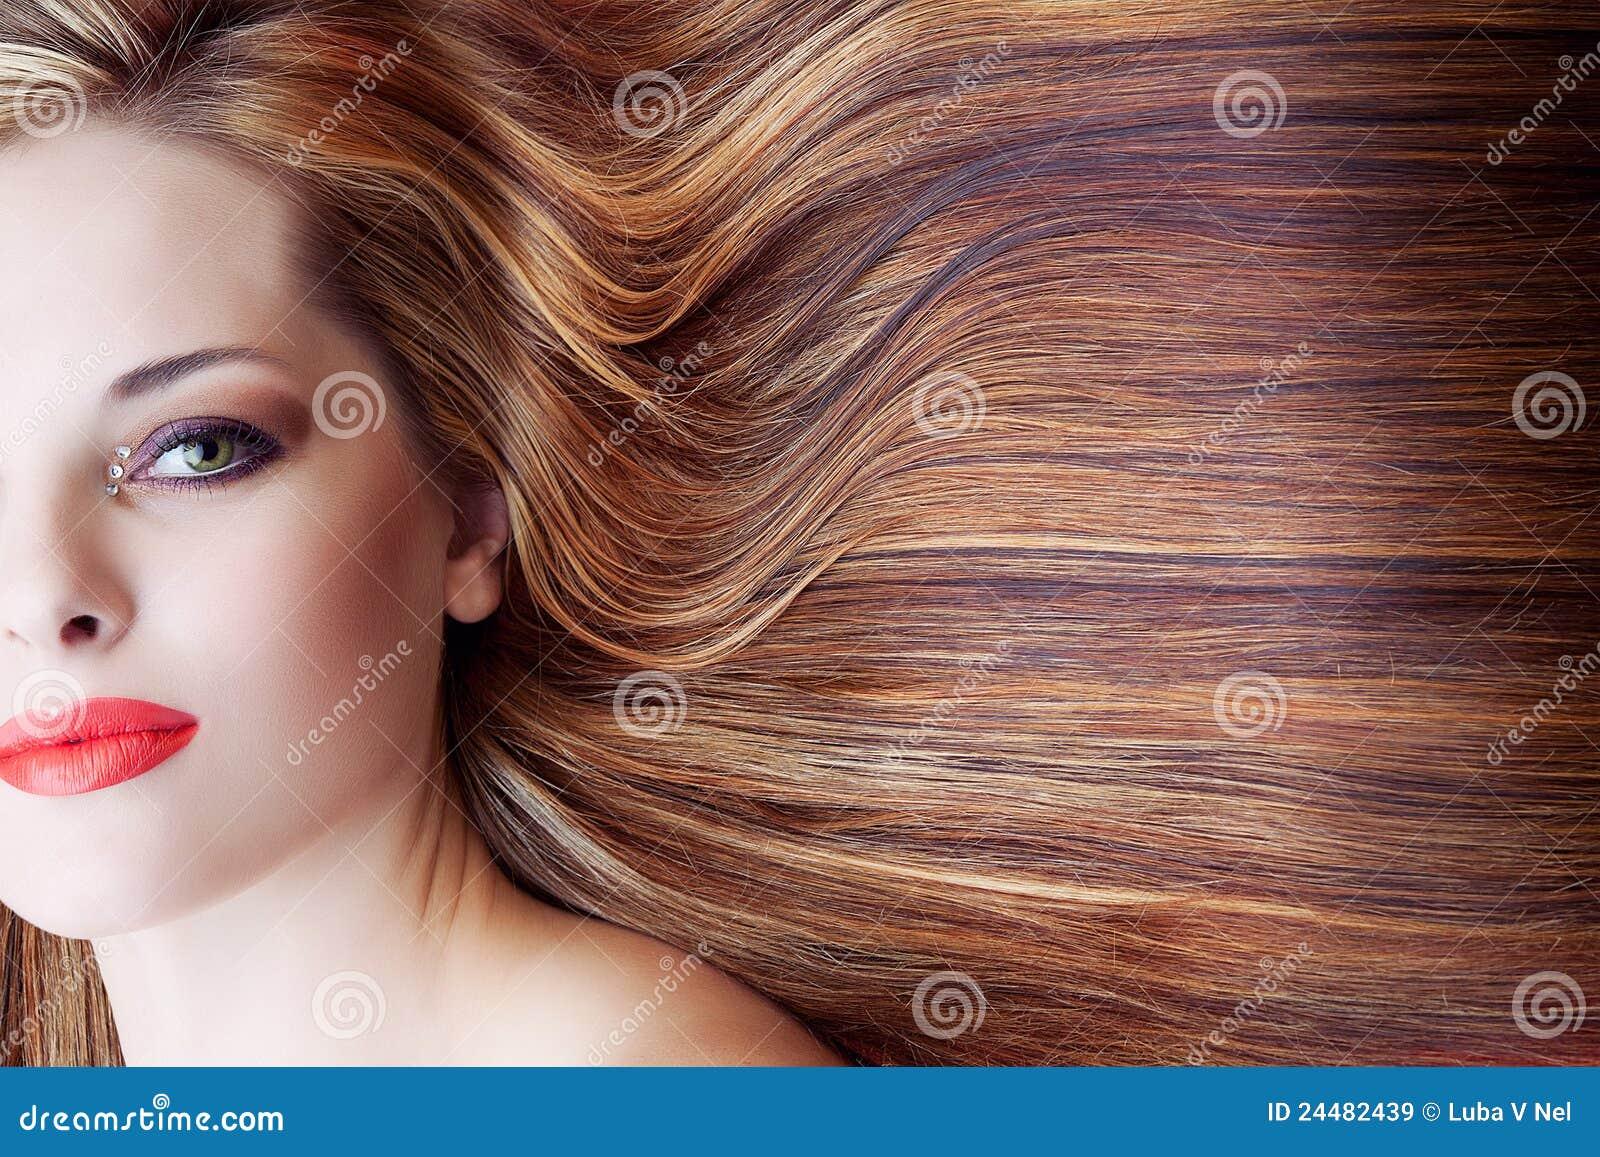 Bella Donna Con Capelli Lunghi Immagine Stock - Immagine ...